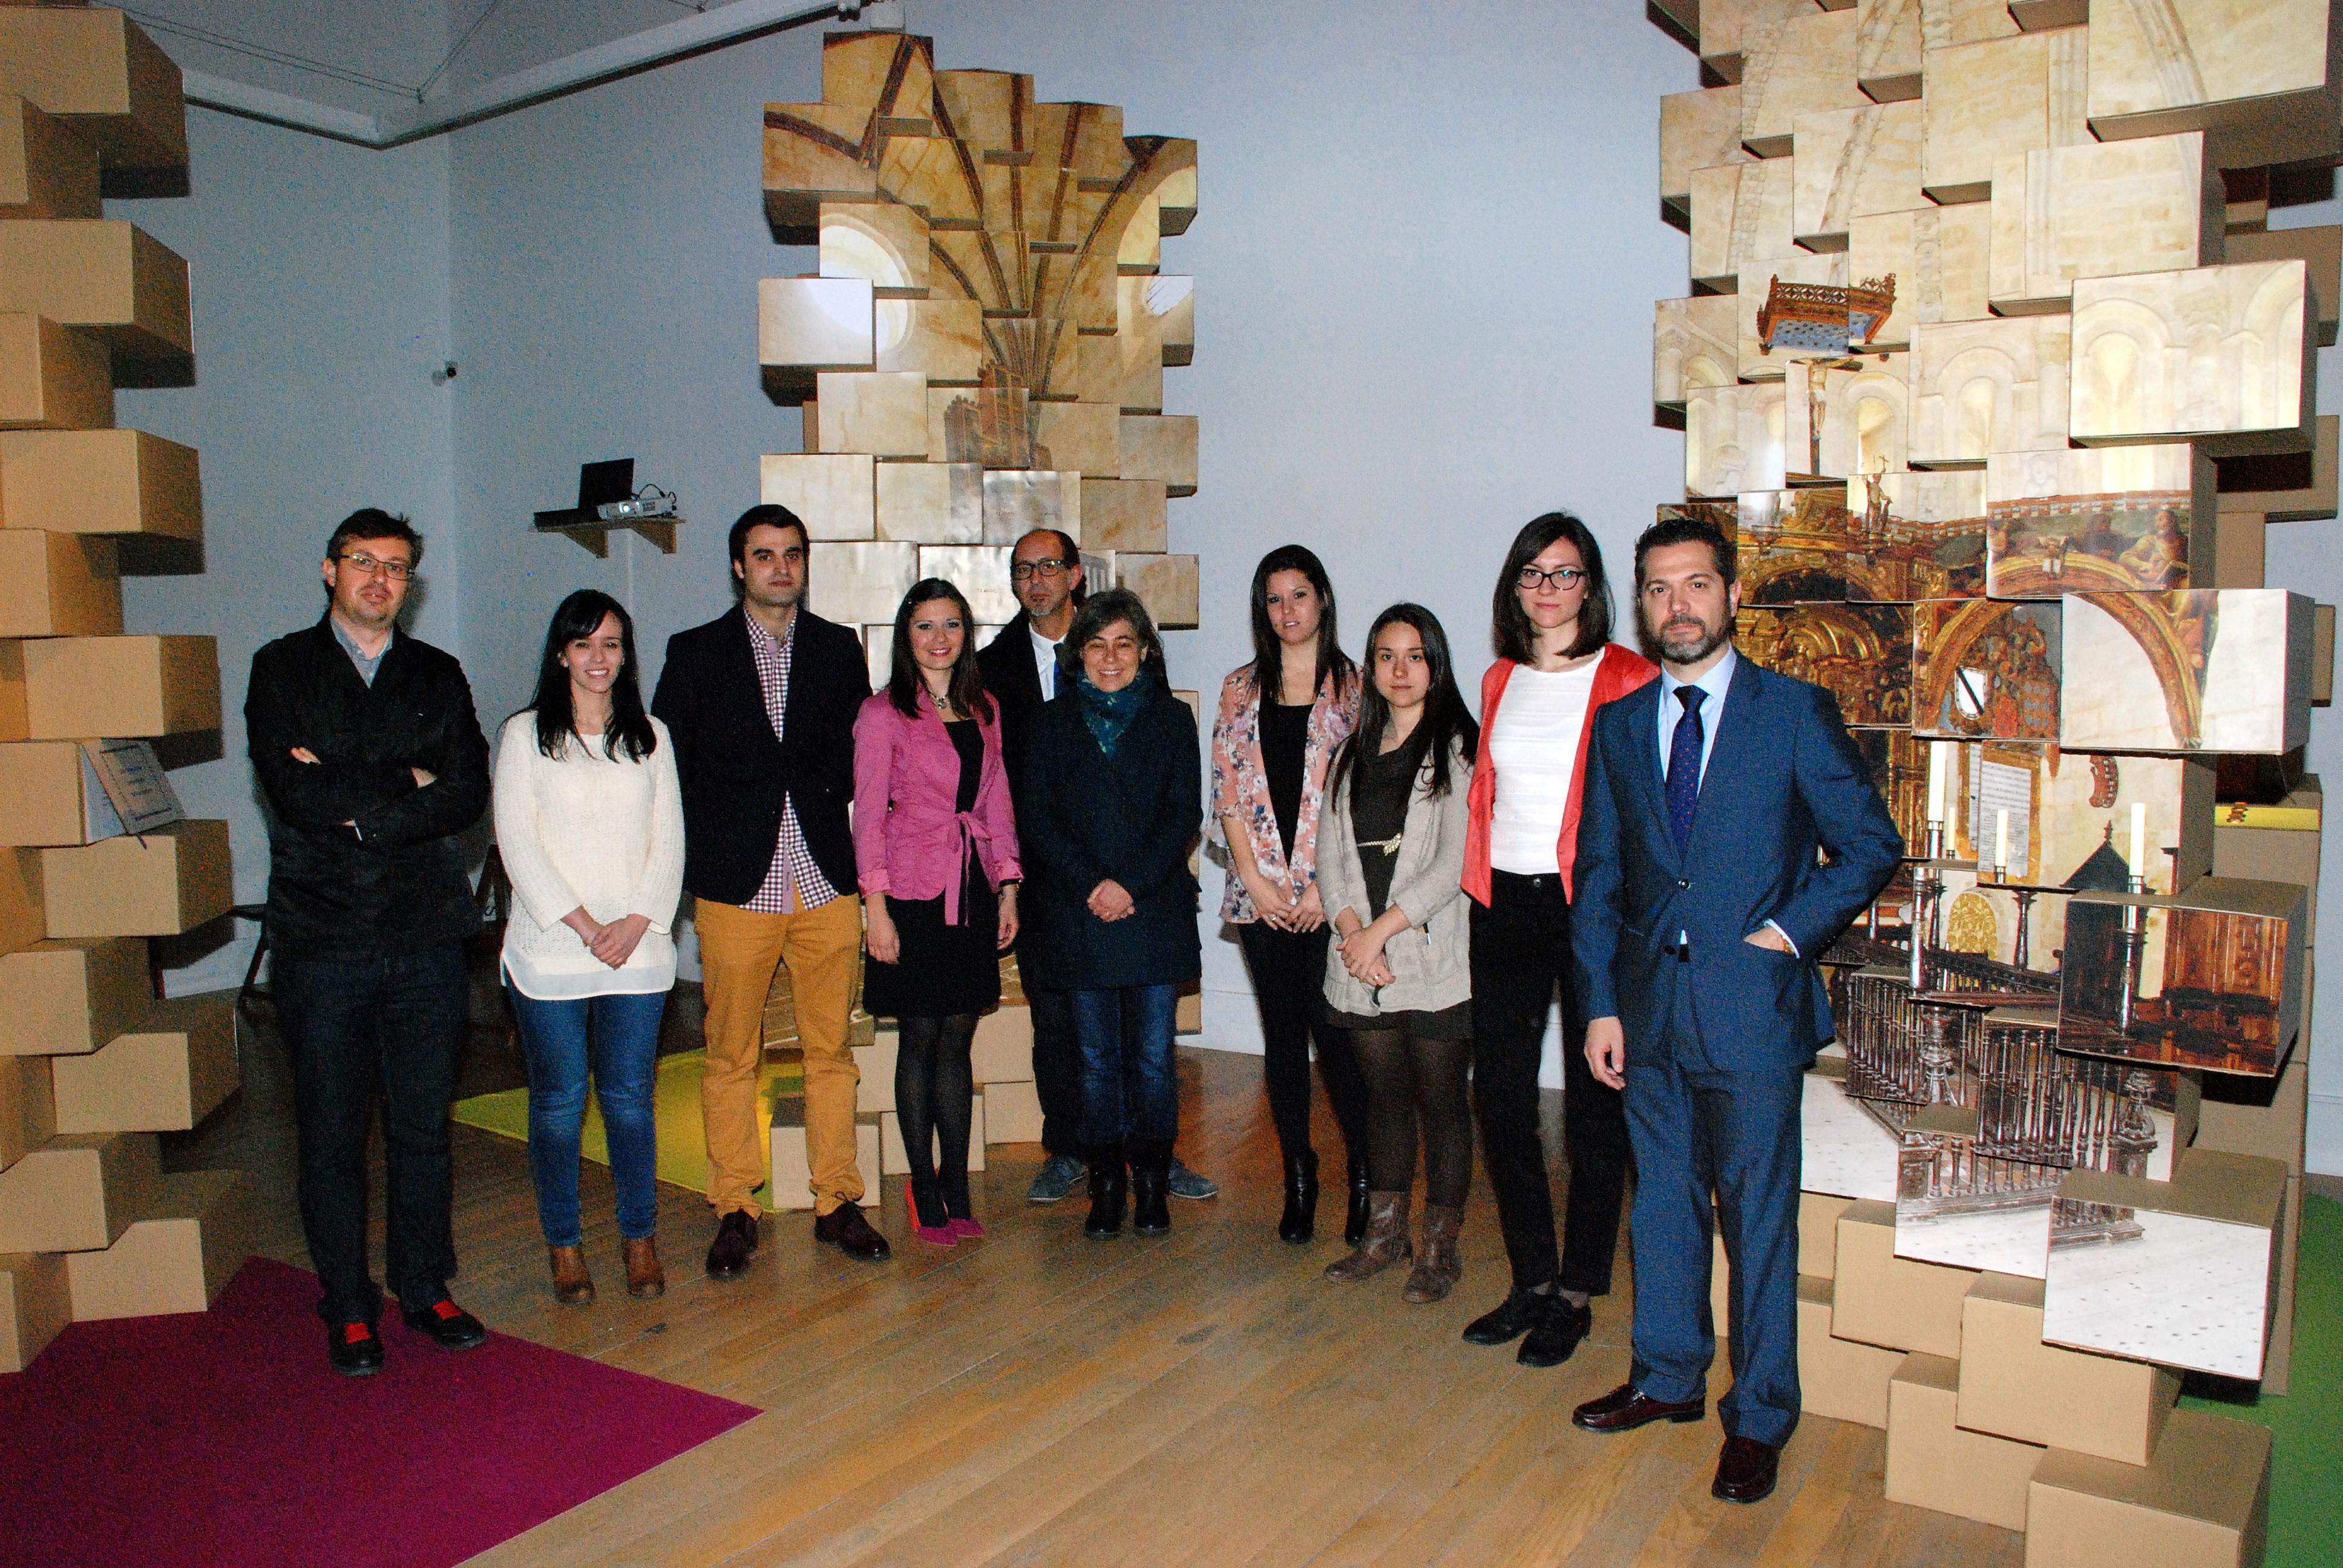 La Sala de exposiciones Cielo de Salamanca acoge la inauguración del proyecto 'Anecdotum. Ocho siglos, cinco sentidos'